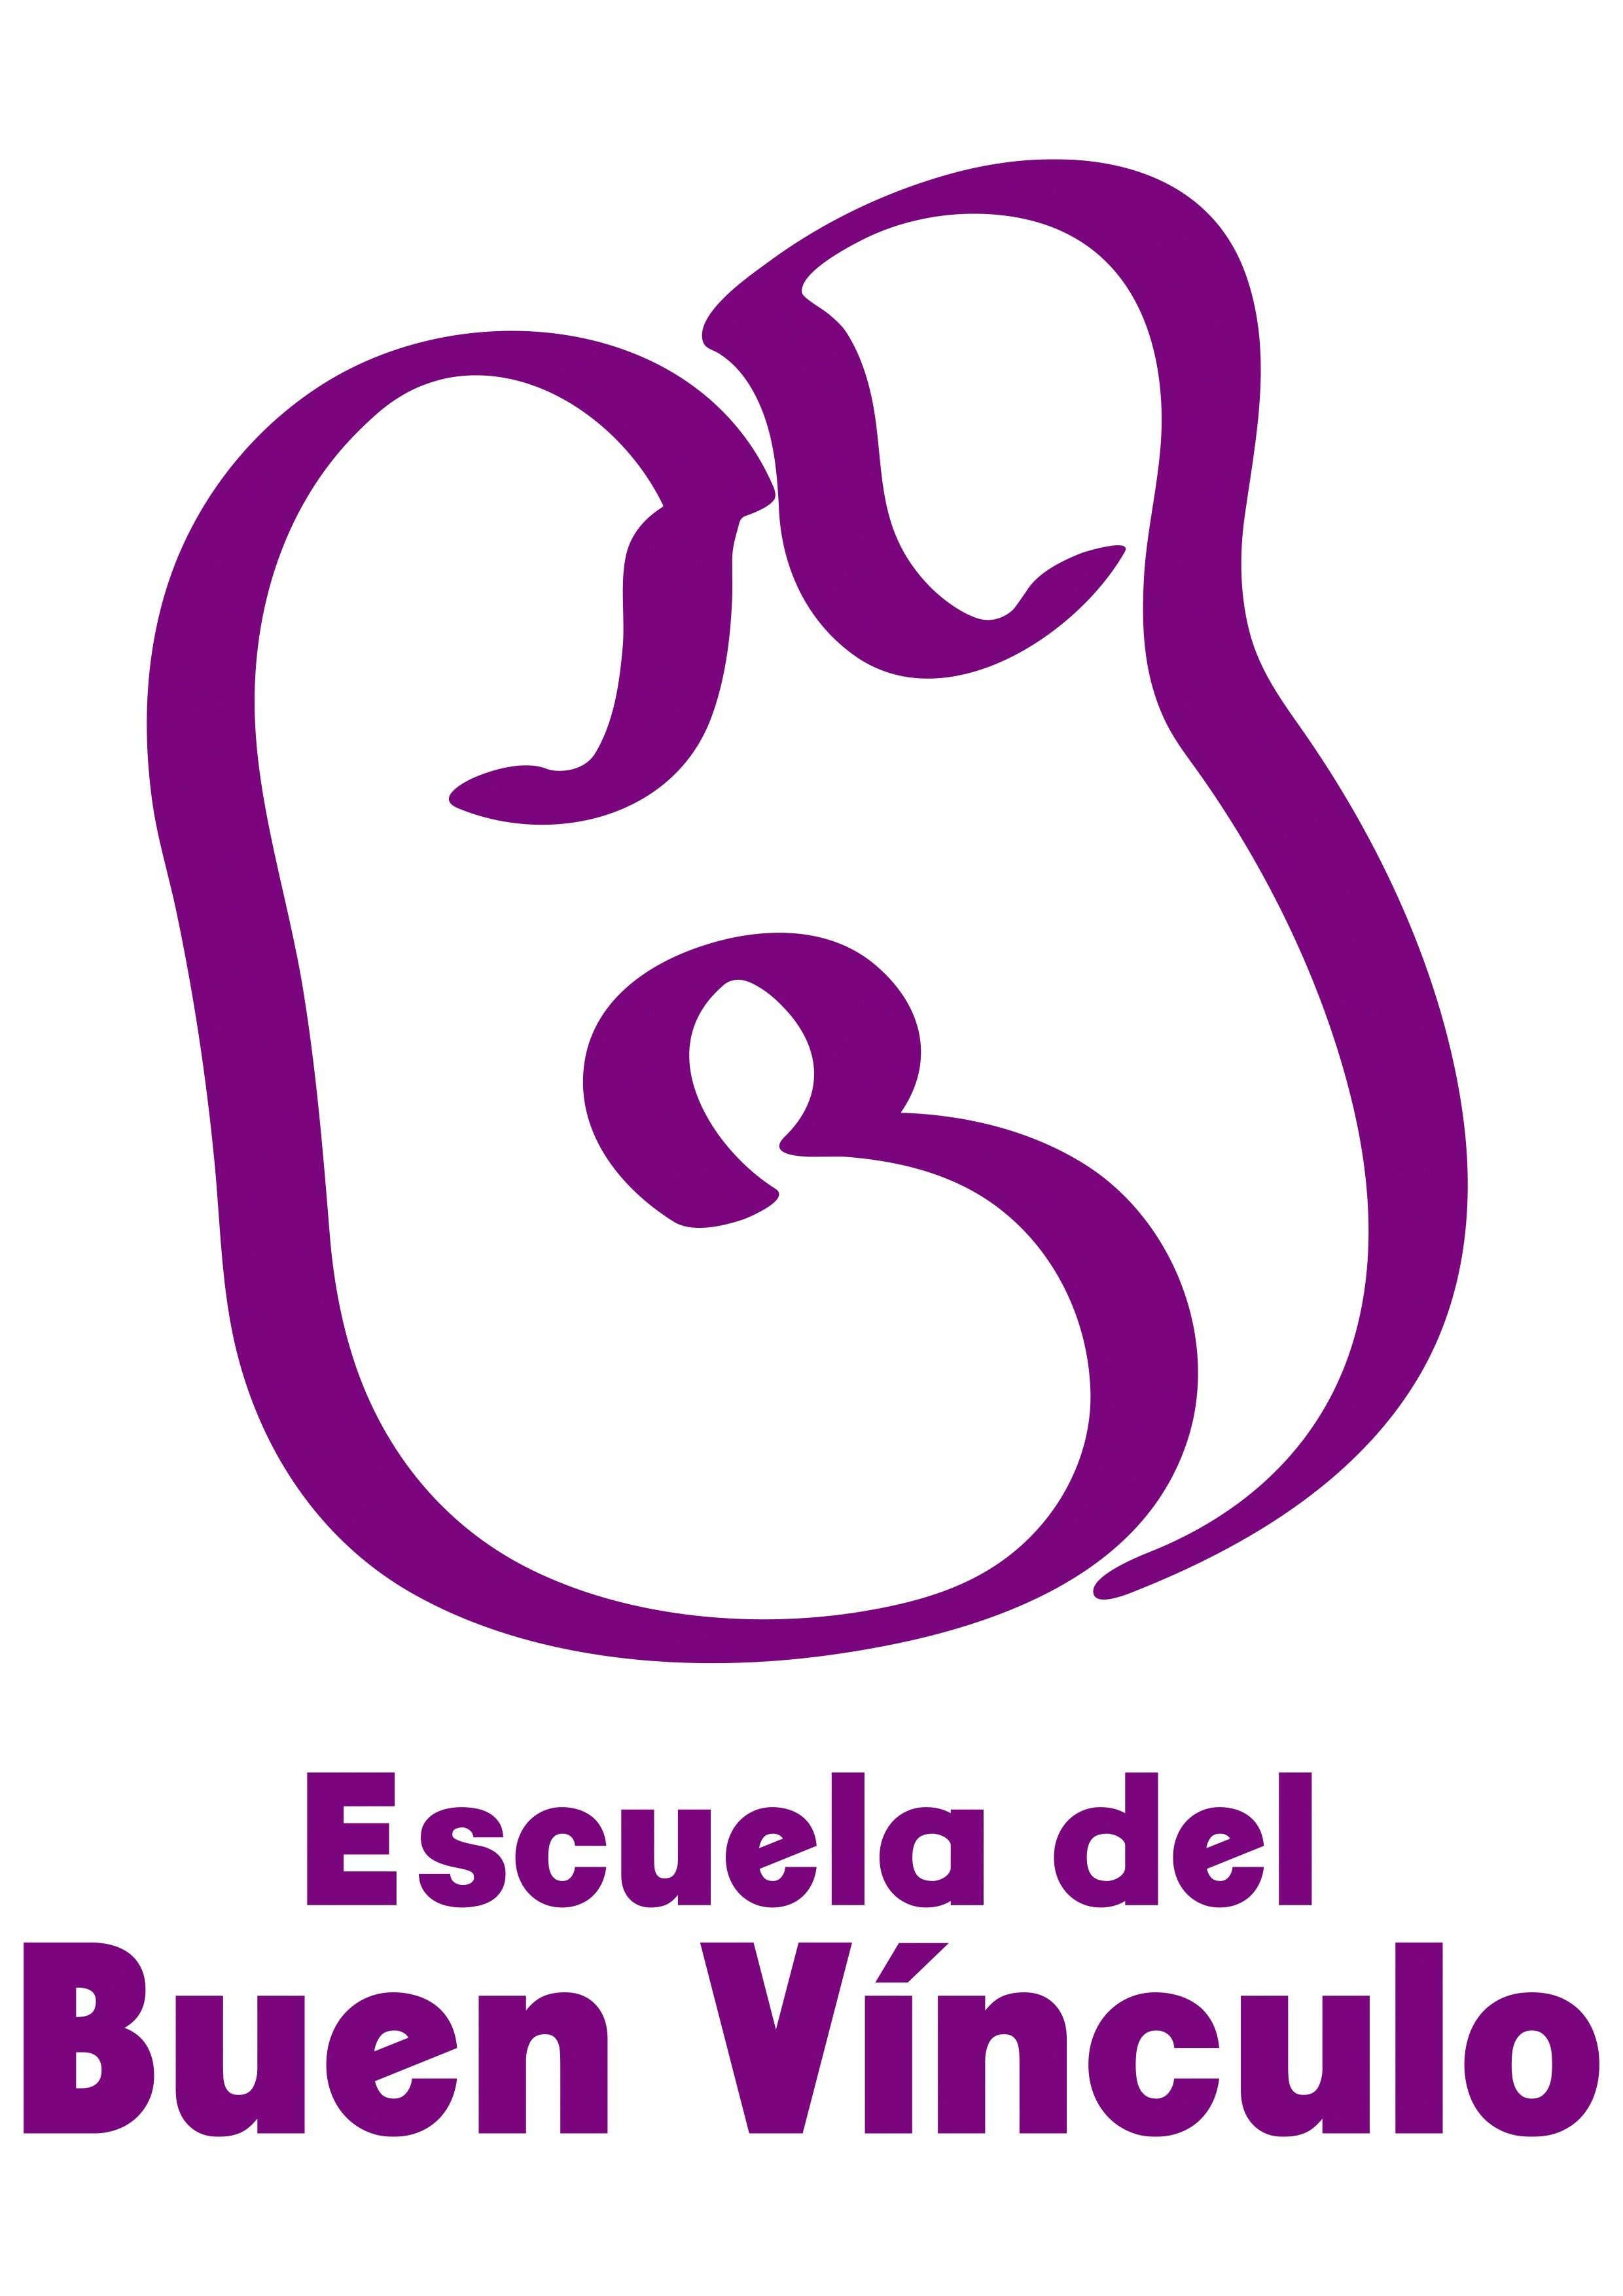 ESCUELA DEL BUEN VINCULO